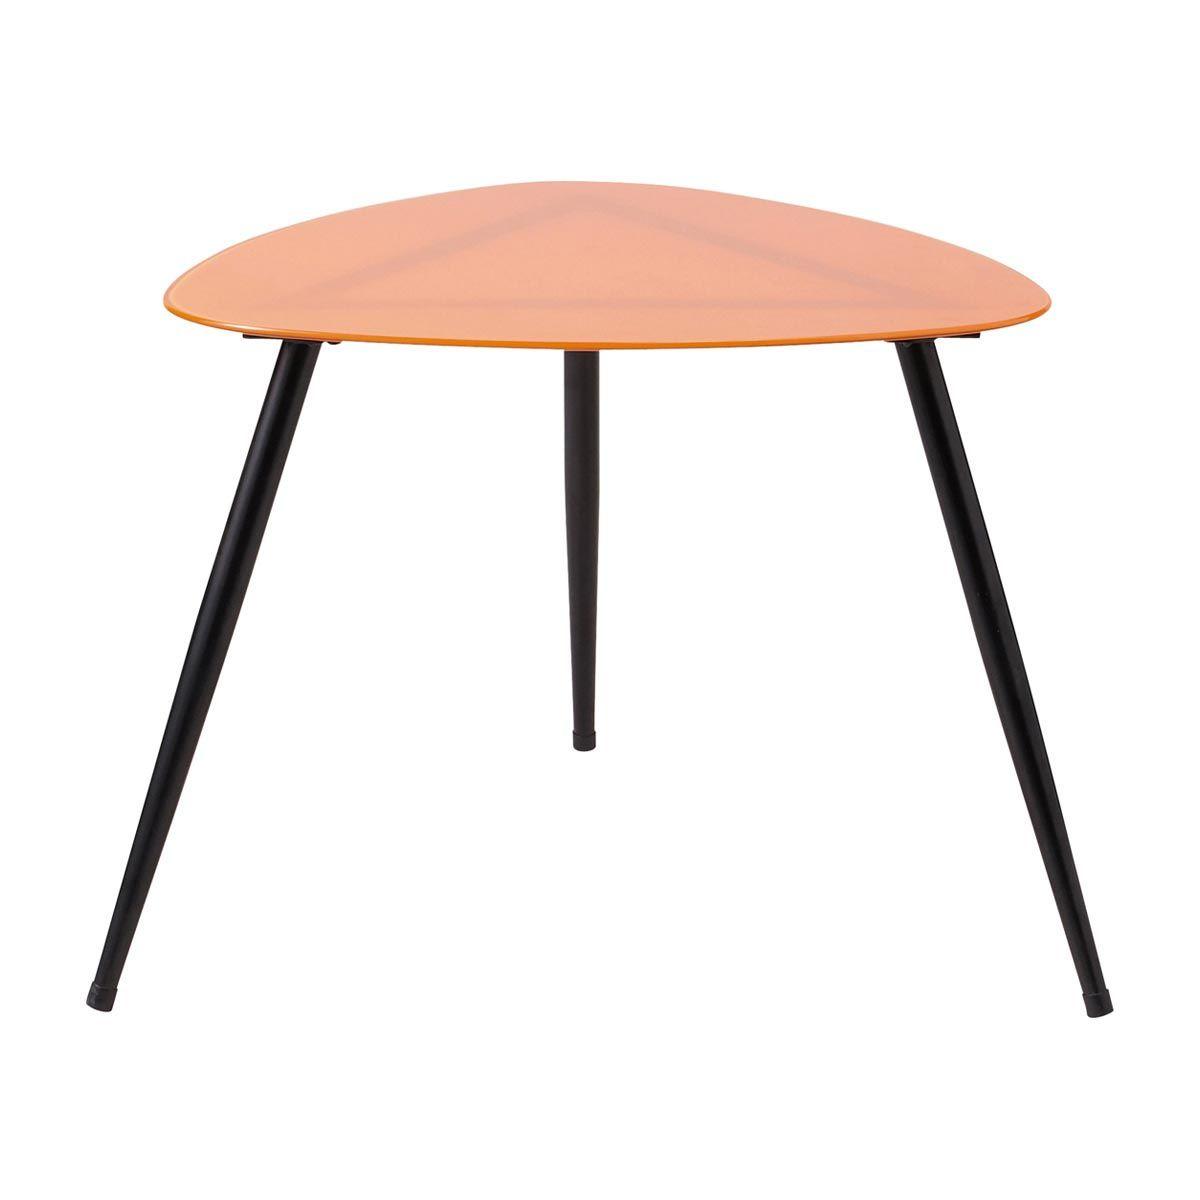 Rainbow Table Basse Orange Vintage Maison Du Monde 20€Meubles 0wOPkn